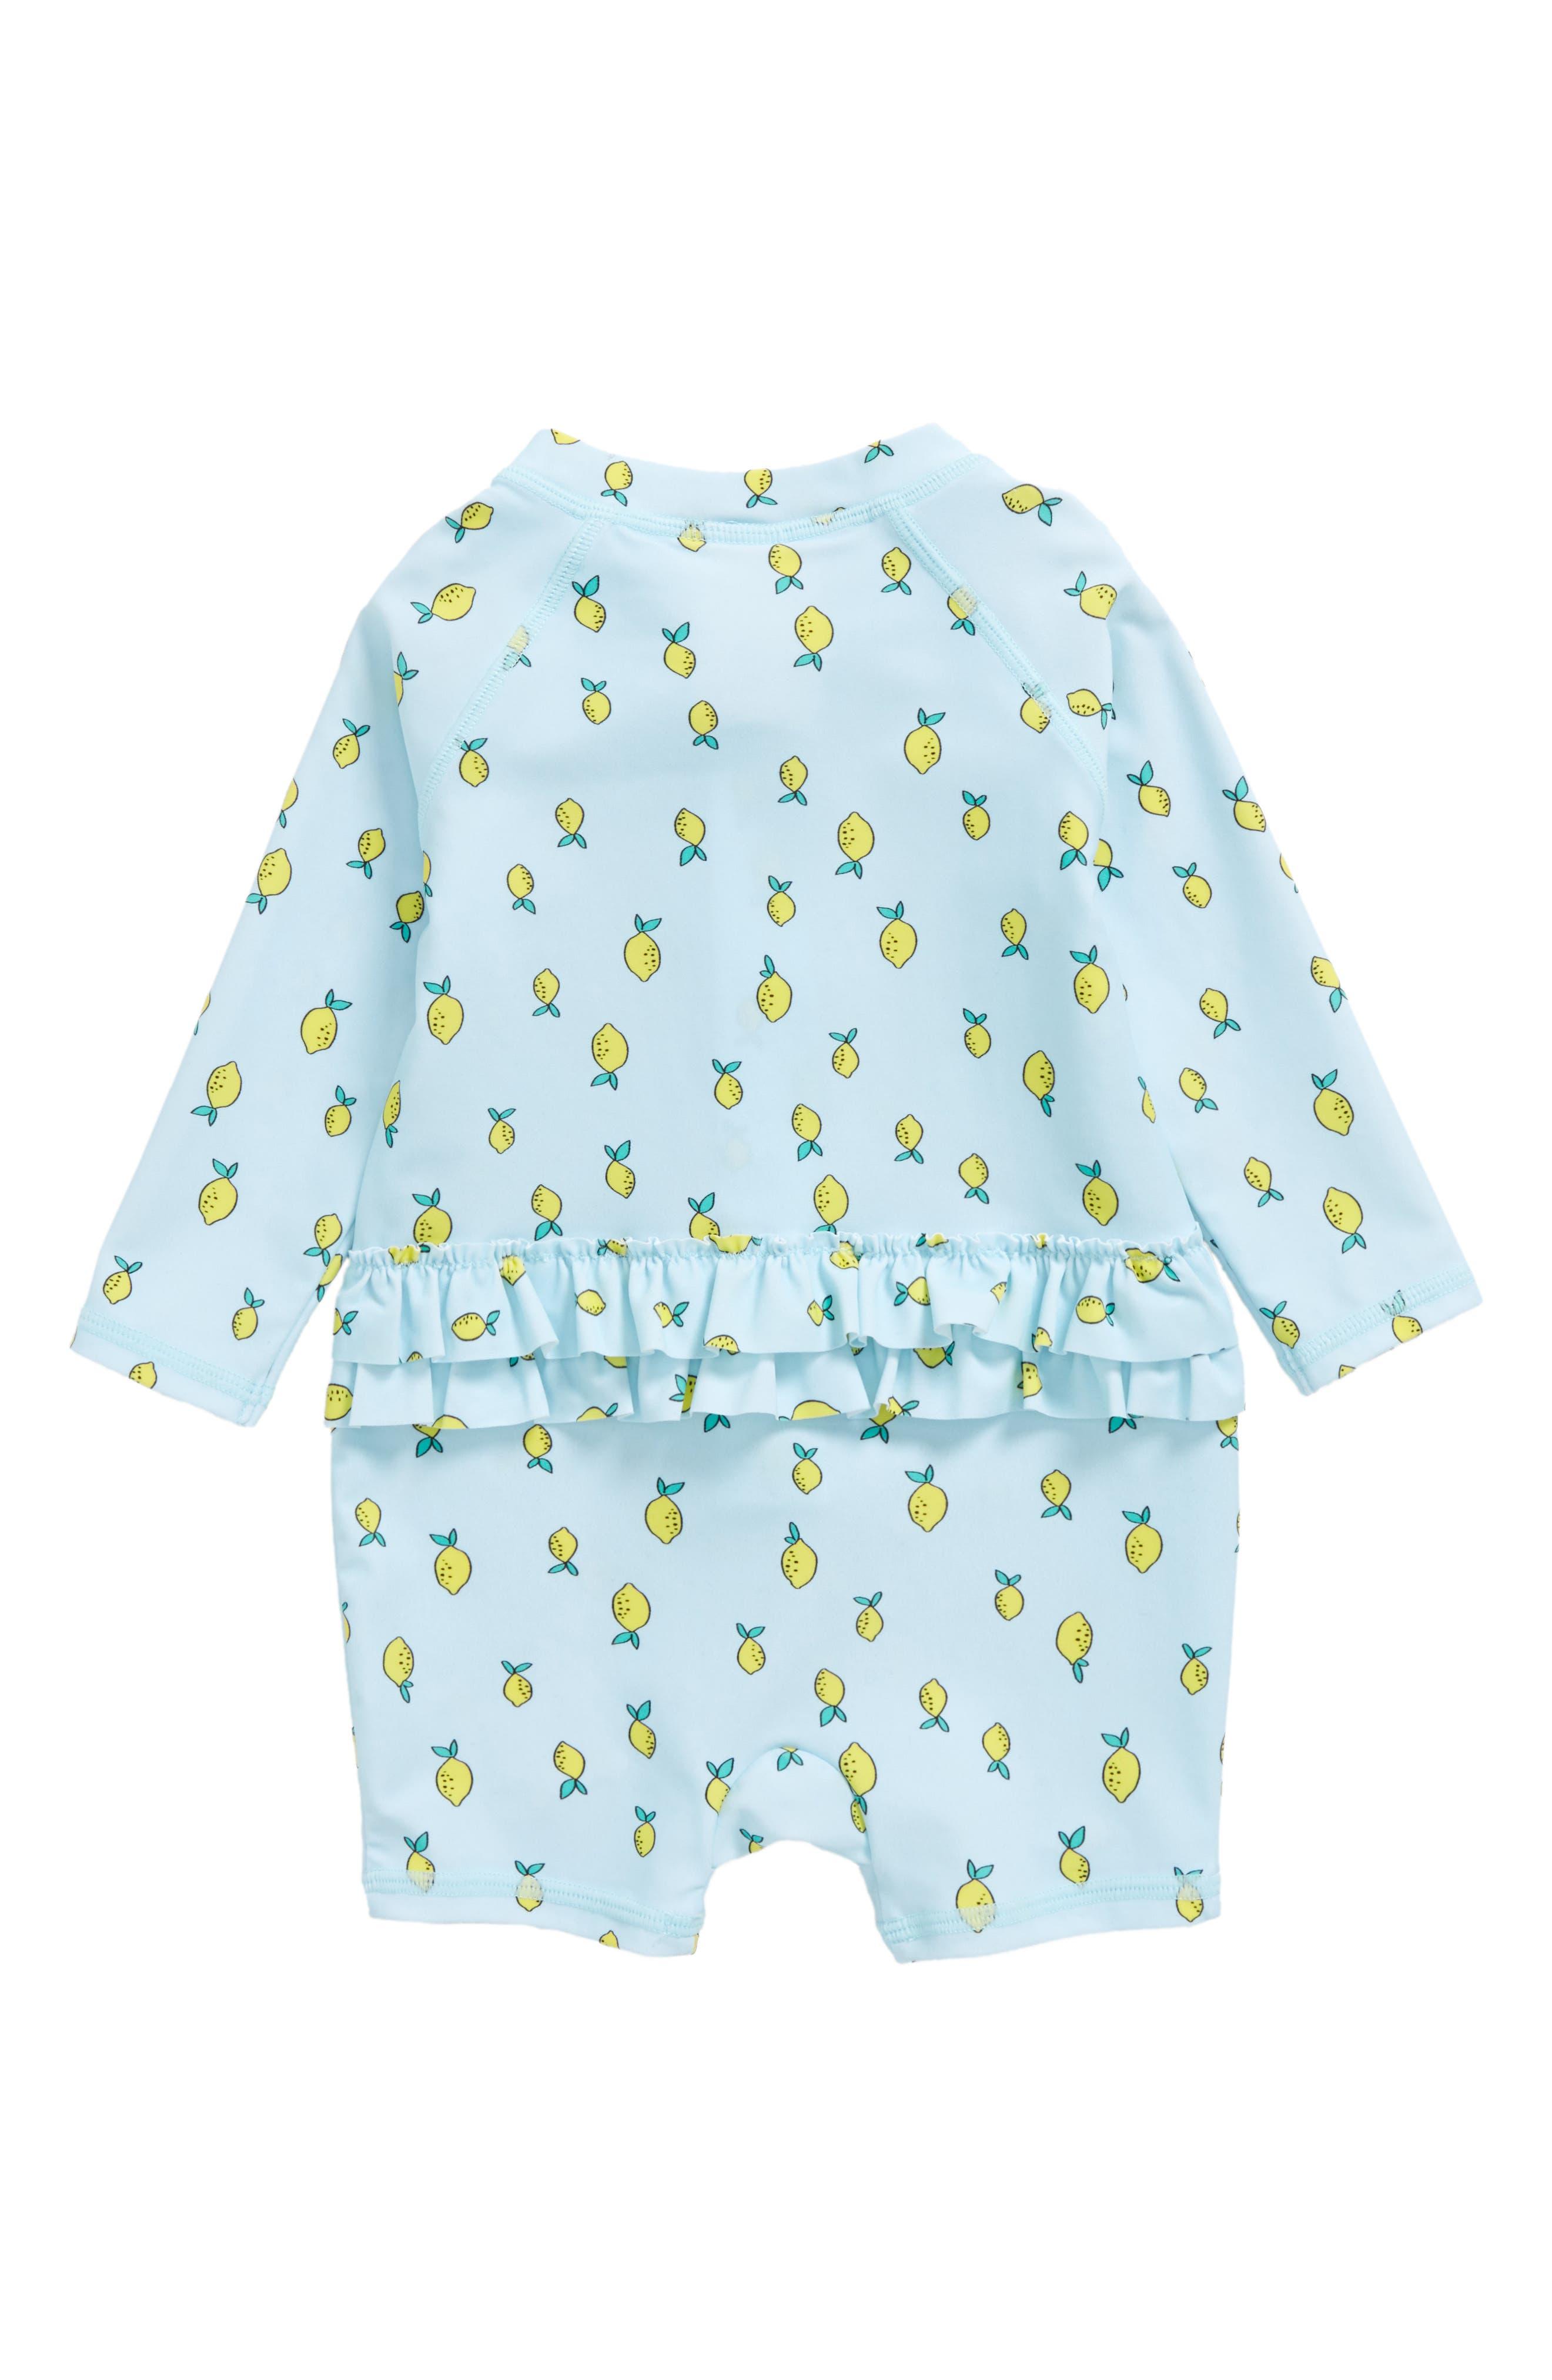 Lemon Print One-Piece Rashguard Swimsuit,                             Alternate thumbnail 2, color,                             Blue Glow Lemons